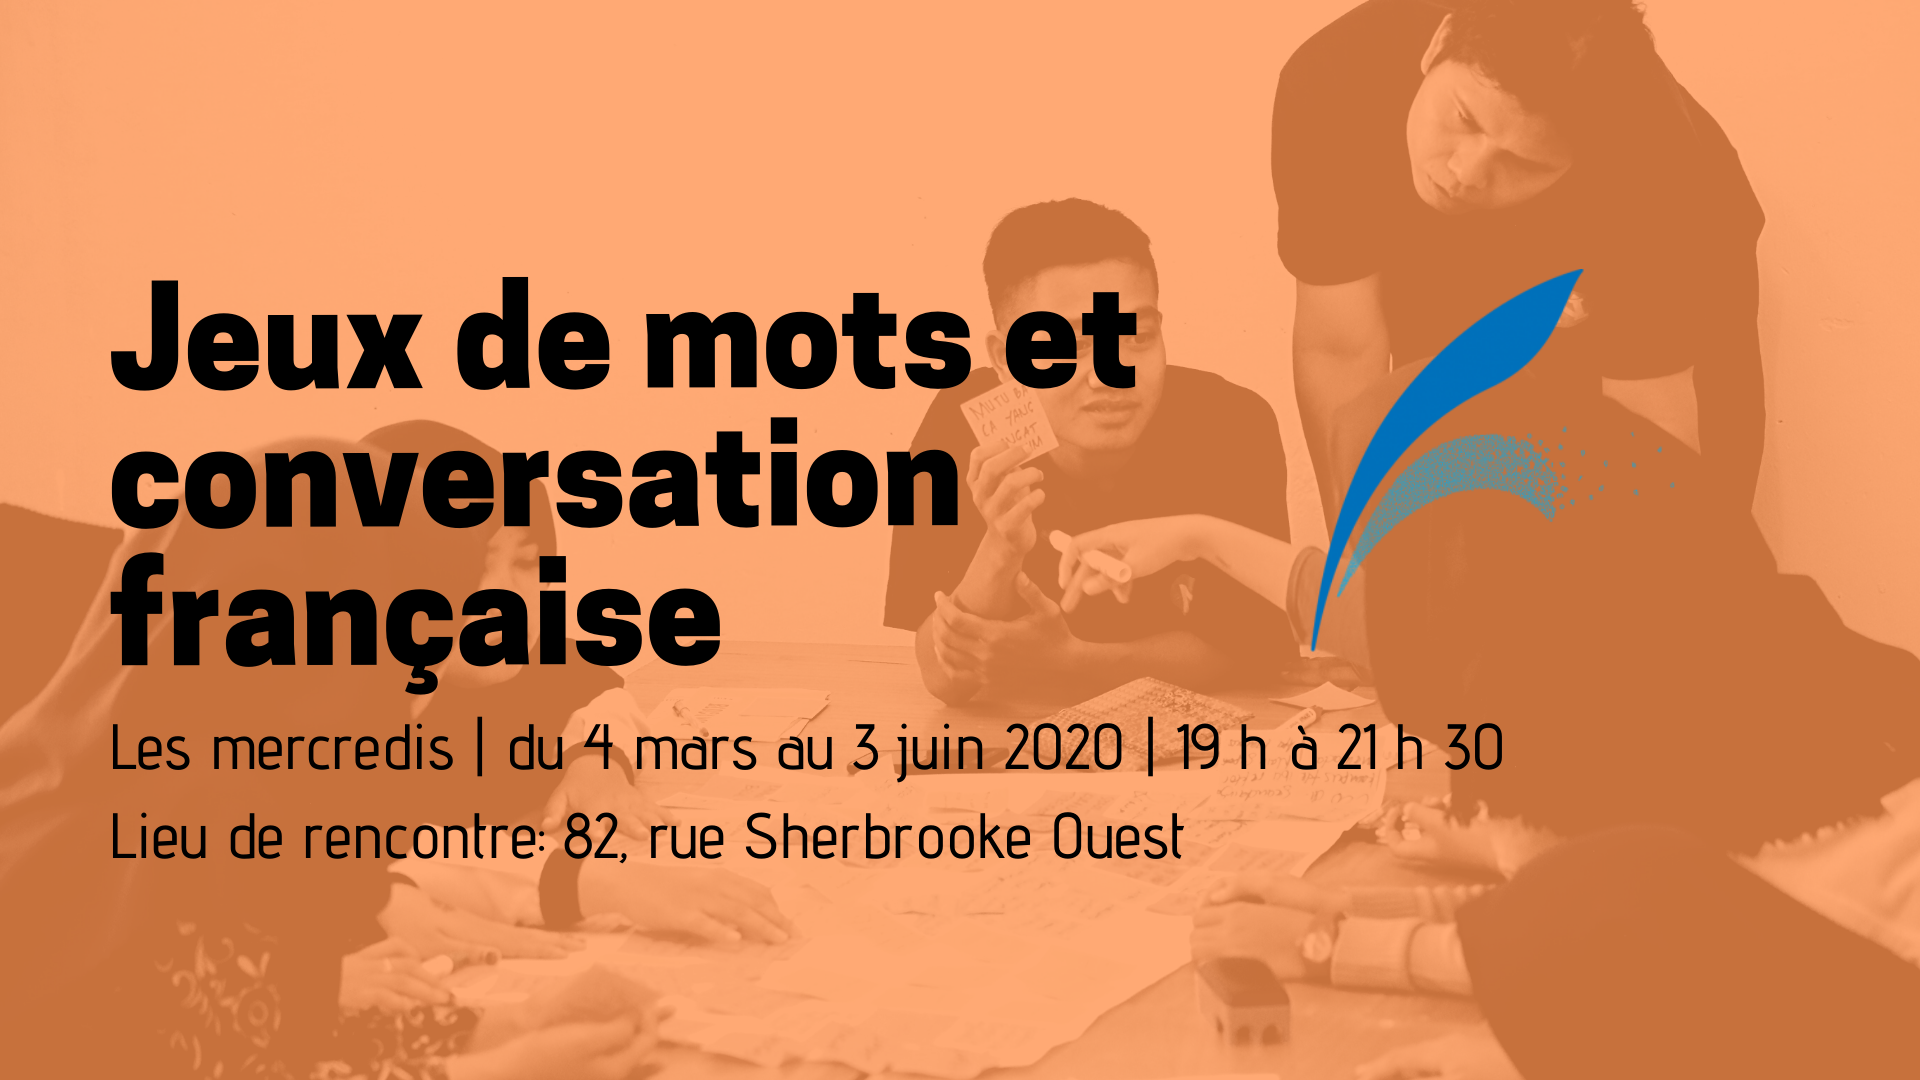 Jeux de mots et conversation française